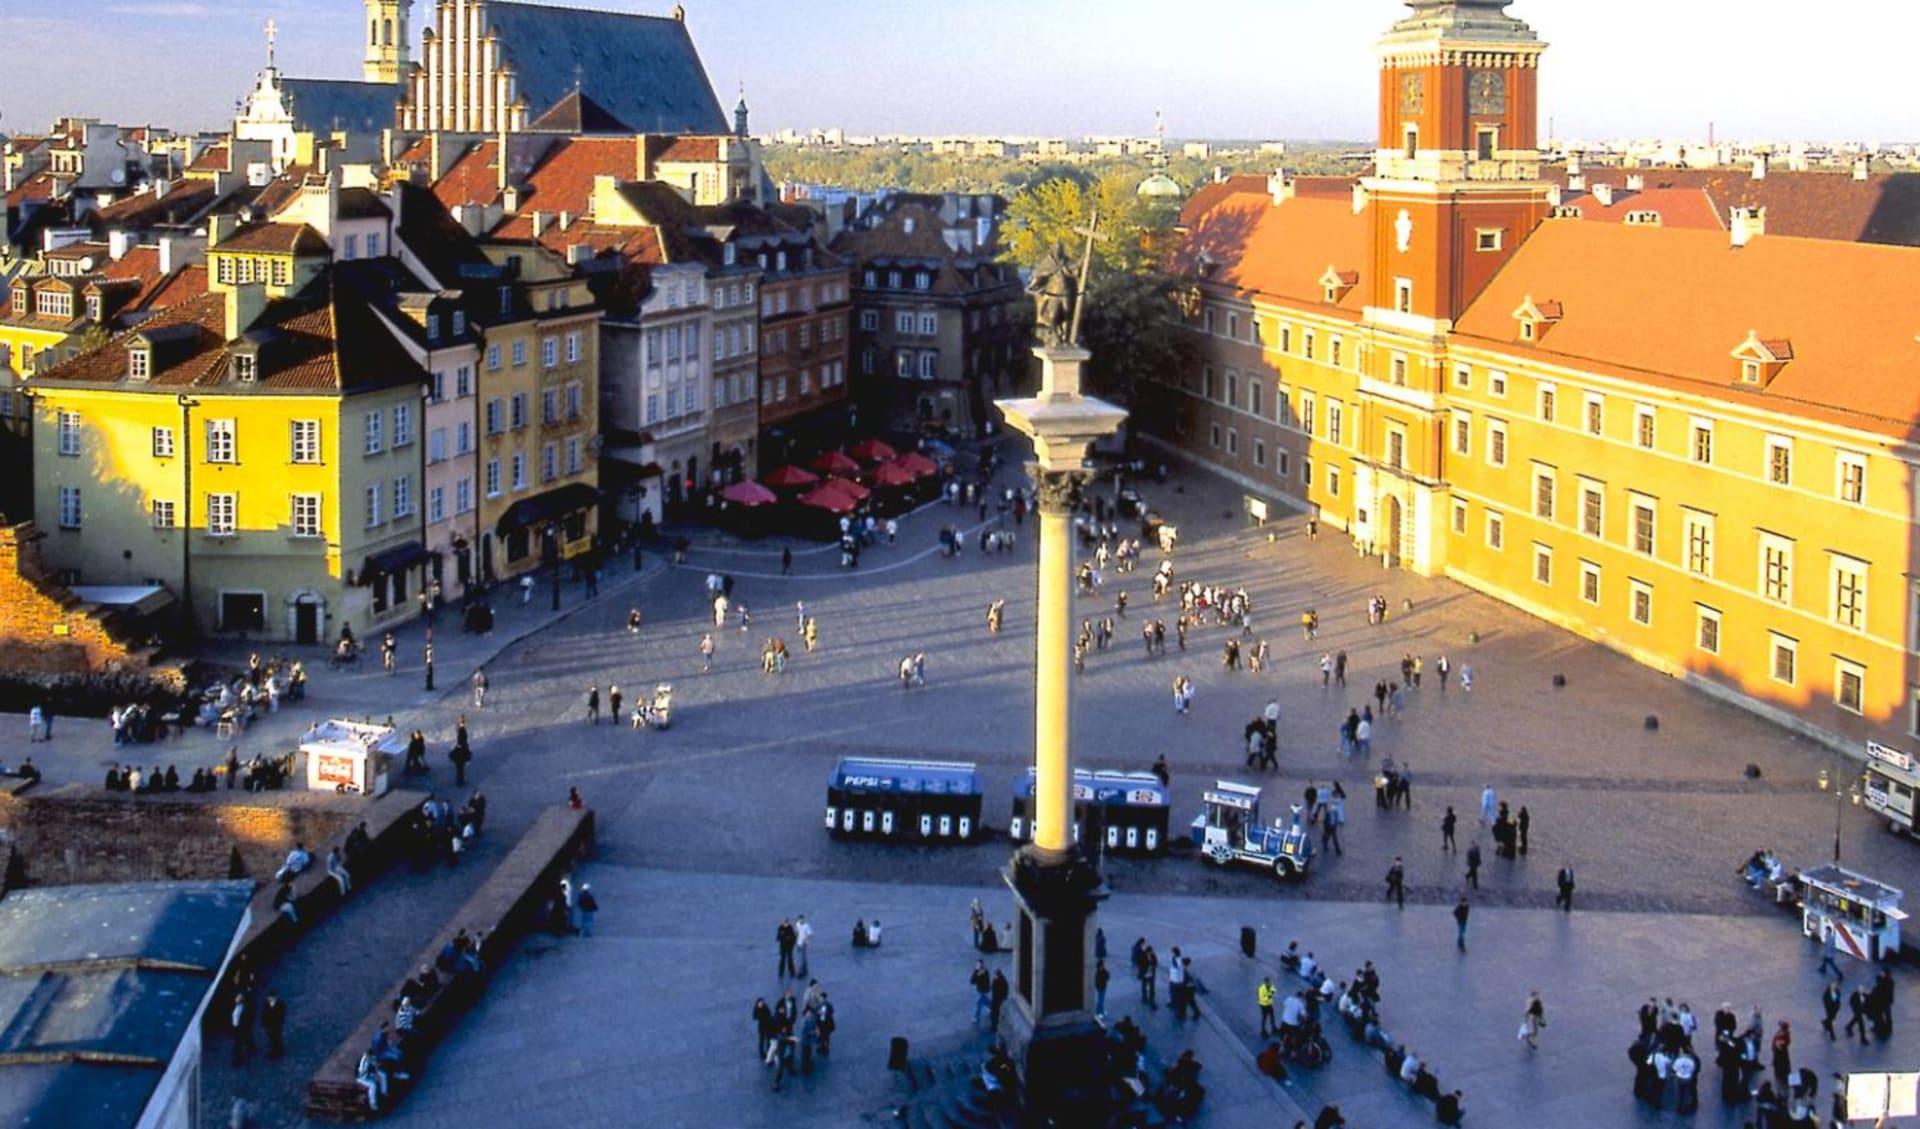 Facettenreiches Nordpolen ab Warschau: Polen - Warschau - Altstadt